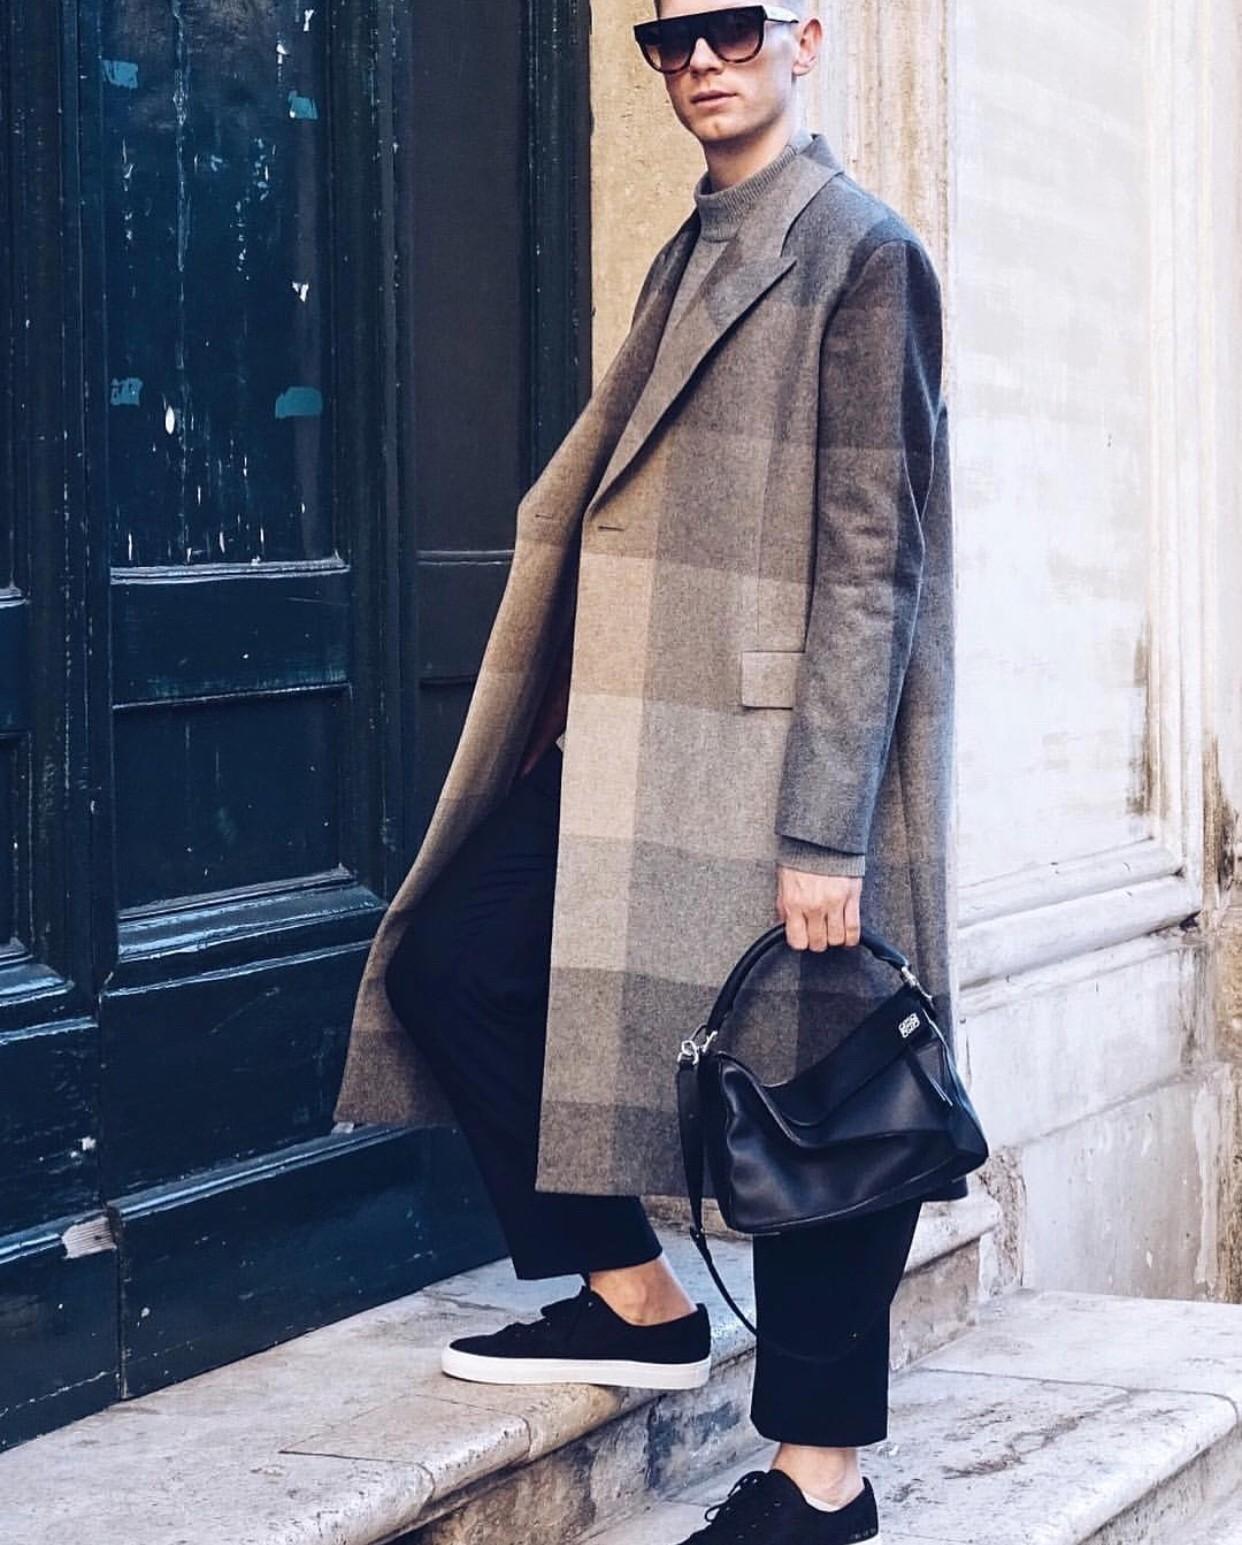 男人背小包真的就很娘吗?男士也很流行背小包 男士时尚 图18